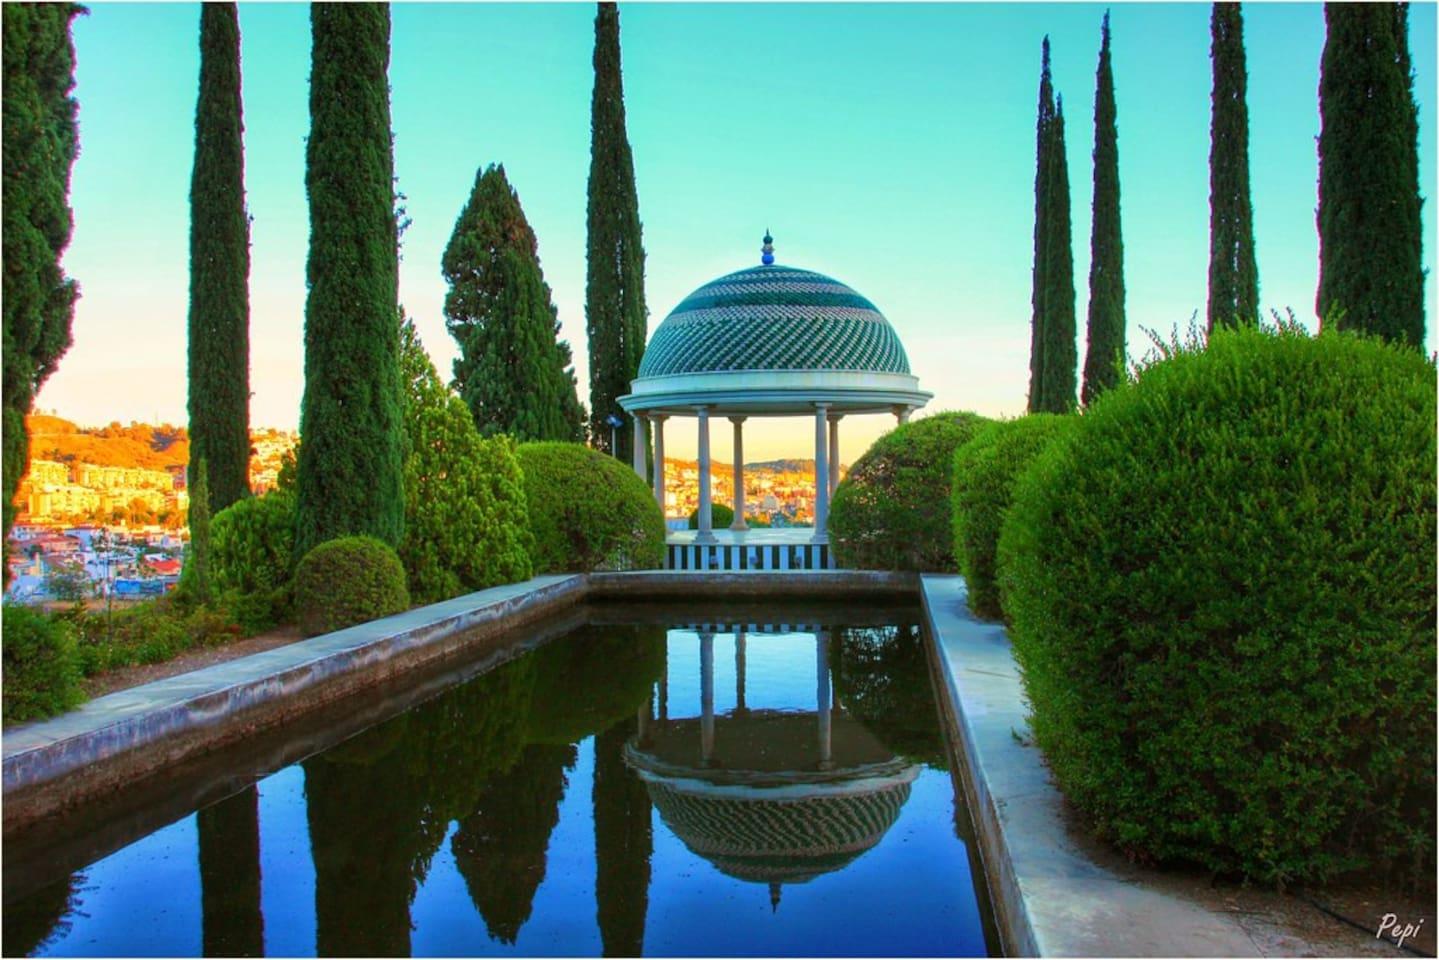 Gardens of Malaga La Concepcion